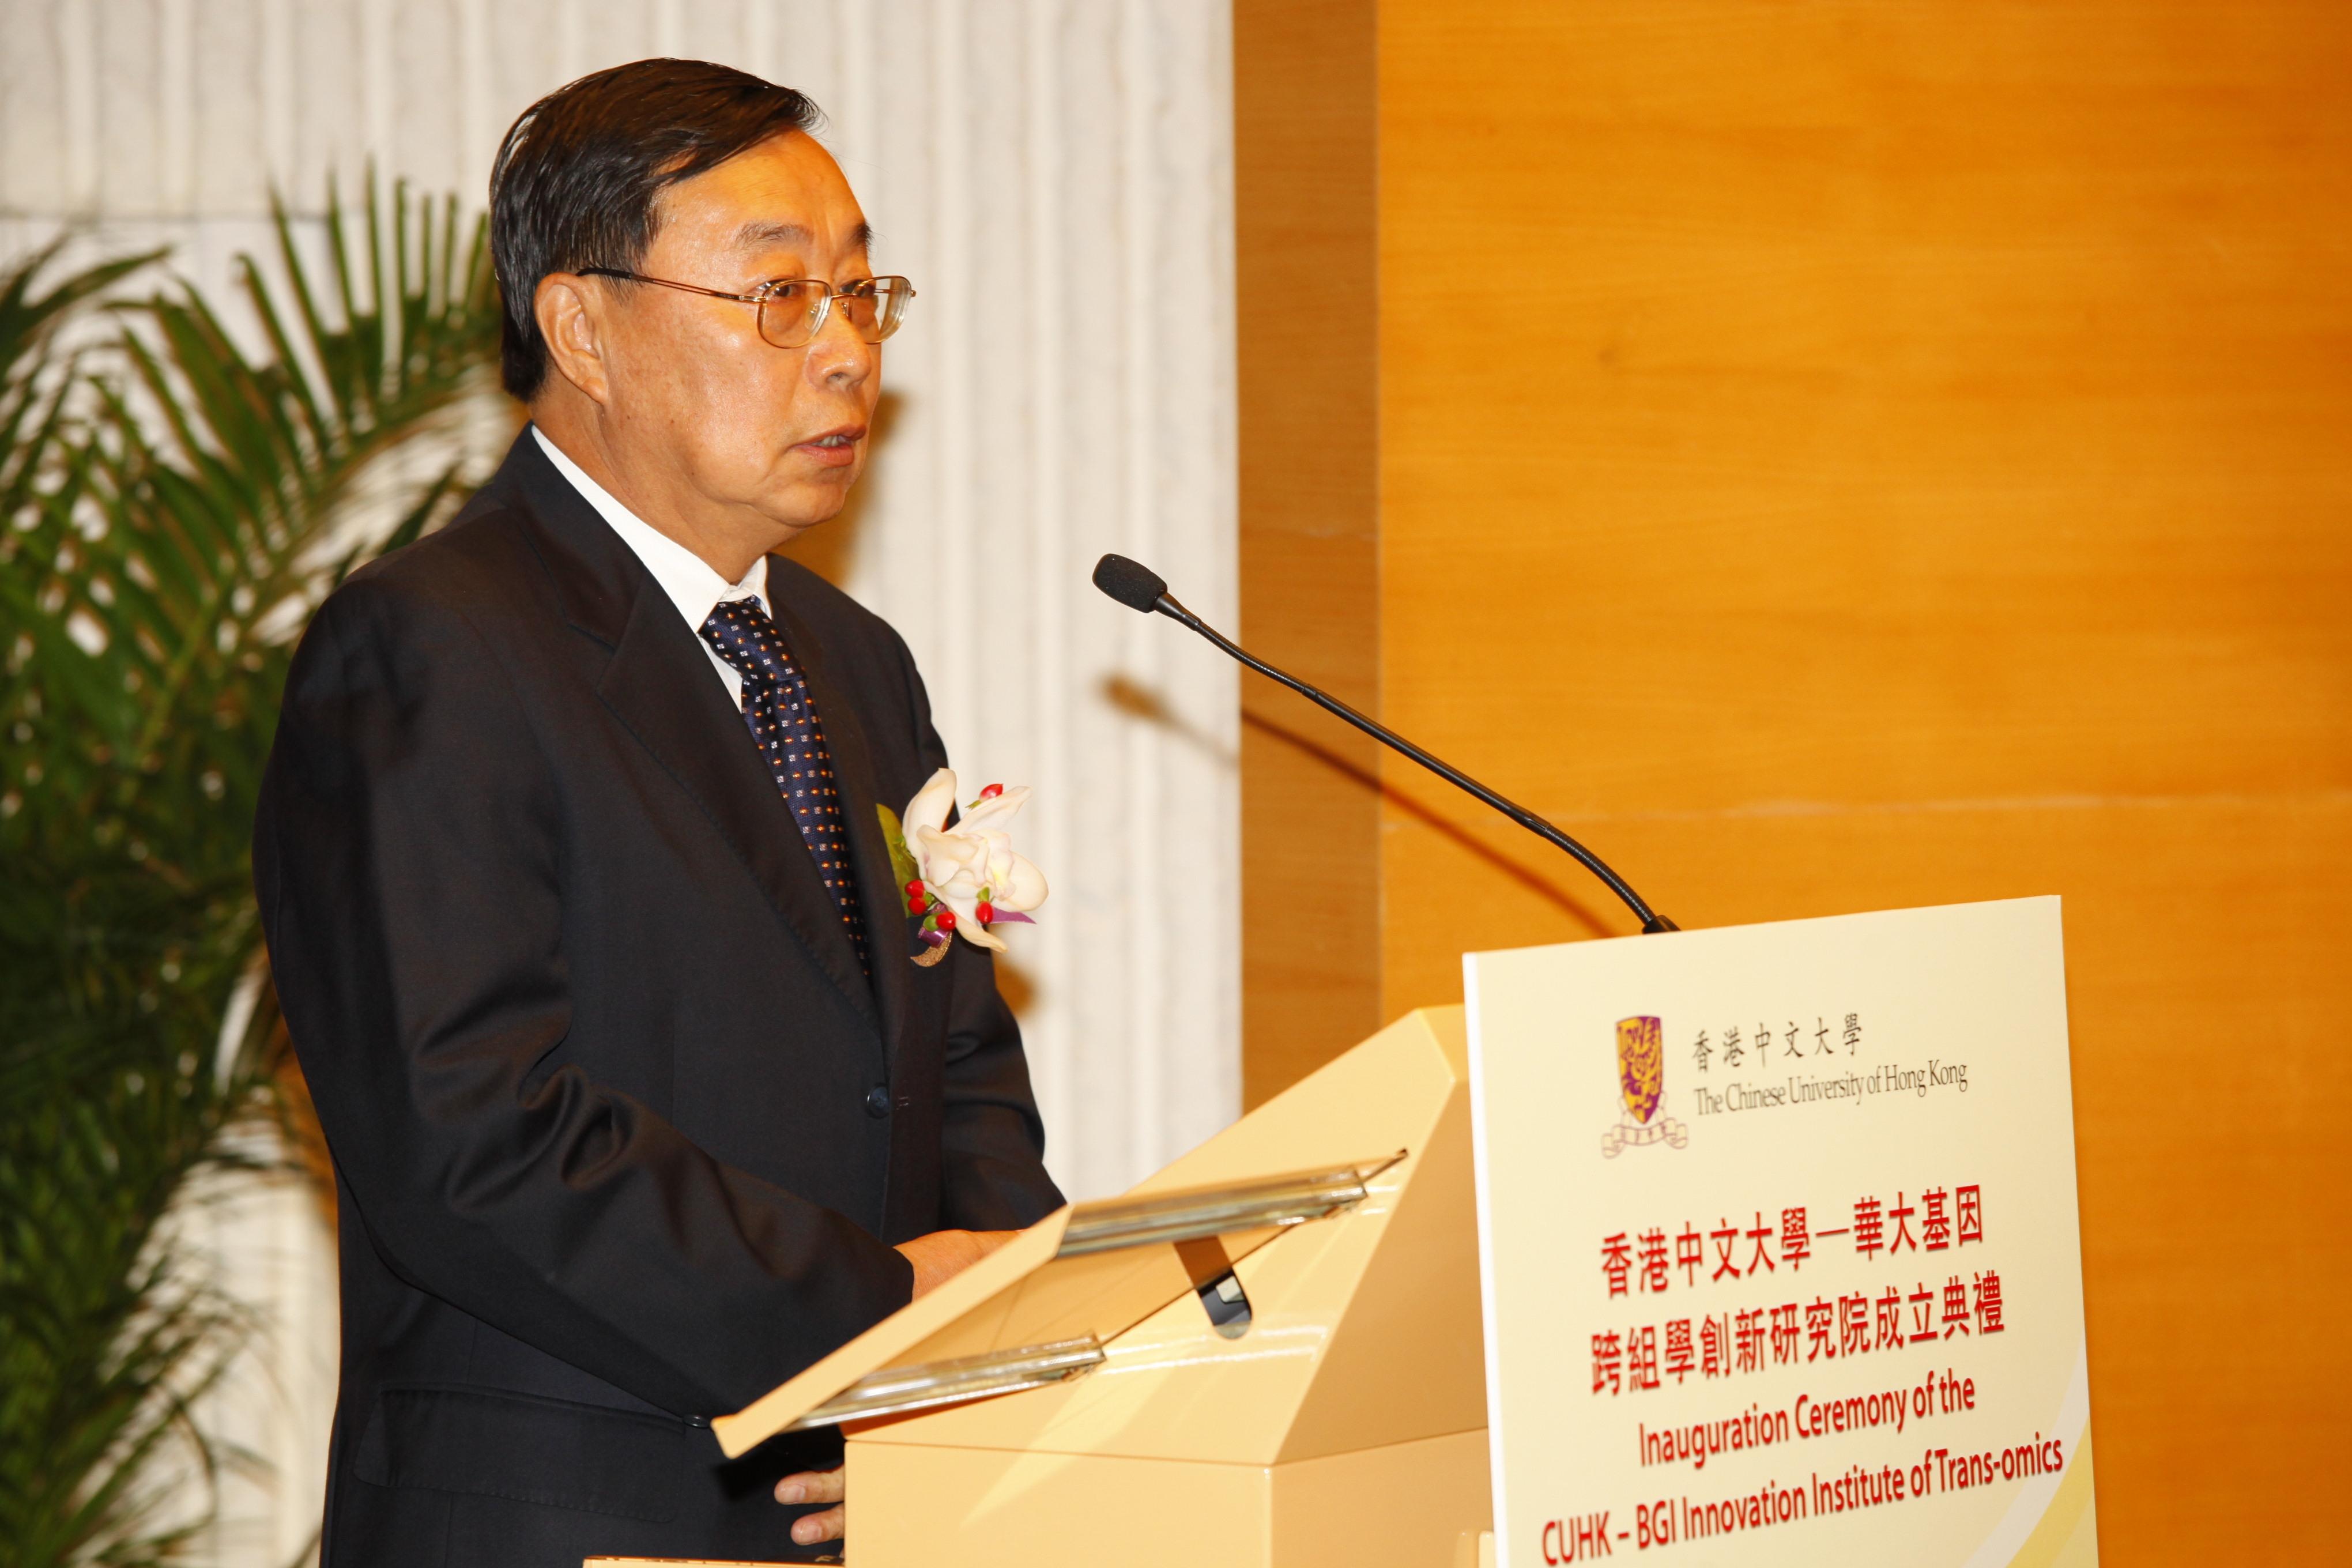 Prof. Liu Yingli gives a speech.